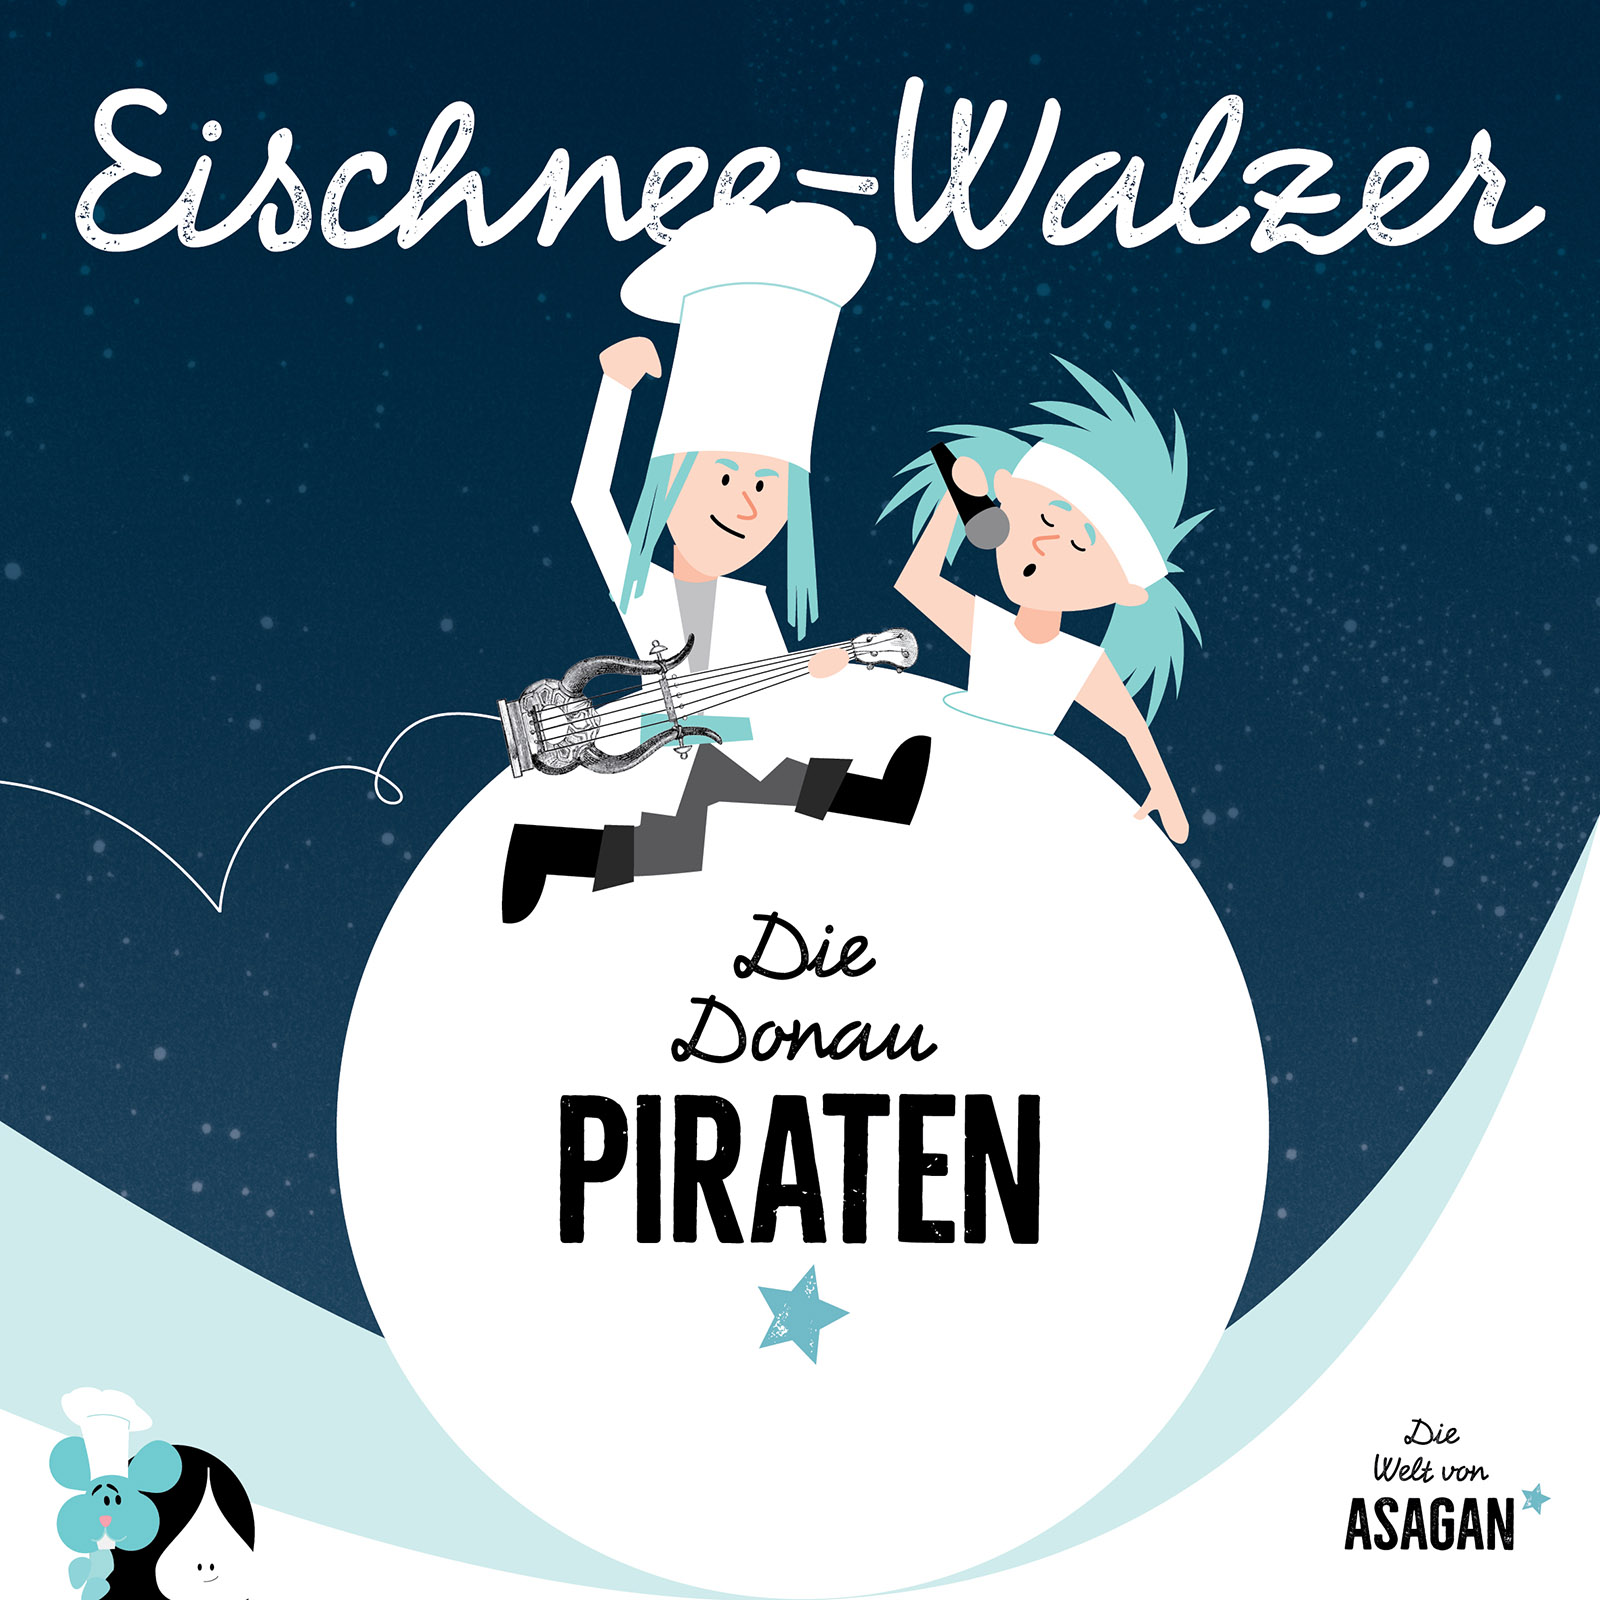 https://song.link/eischneewalzer